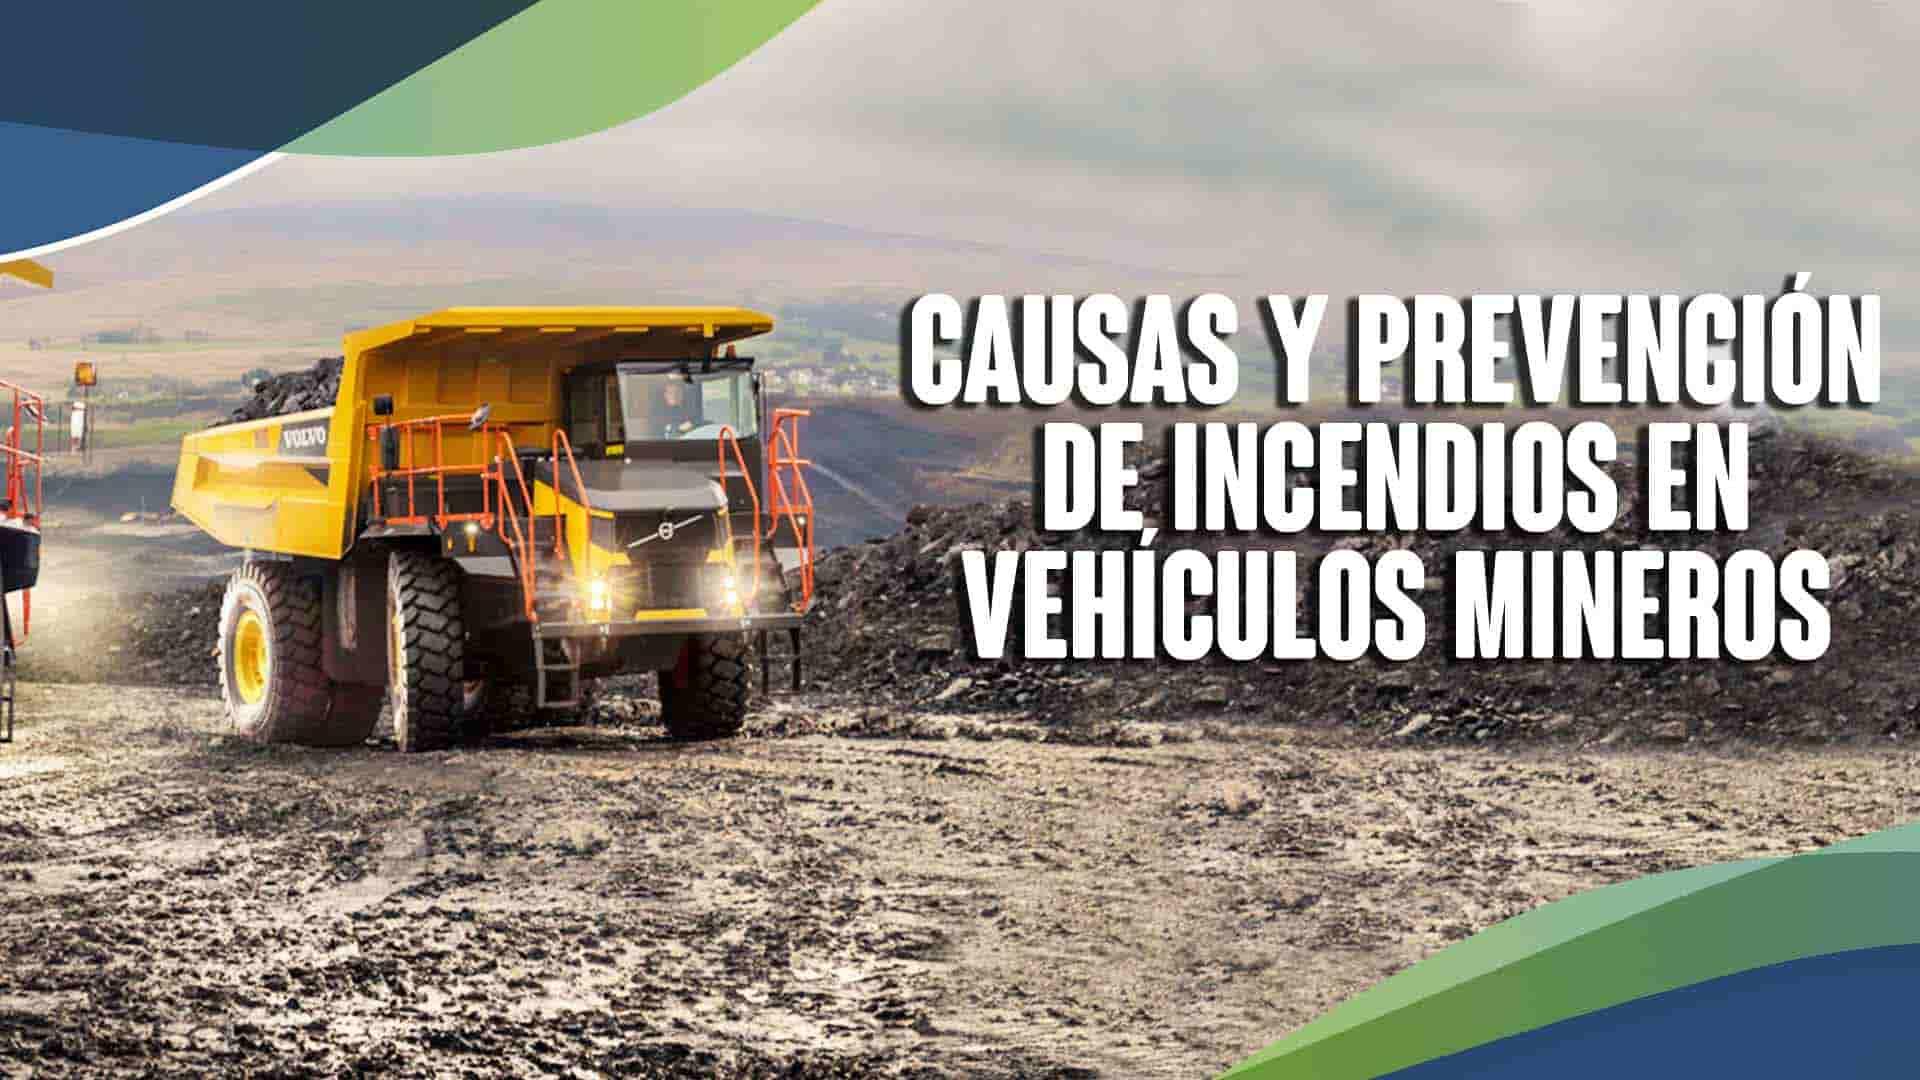 Causas y prevención de incendios en vehículos mineros